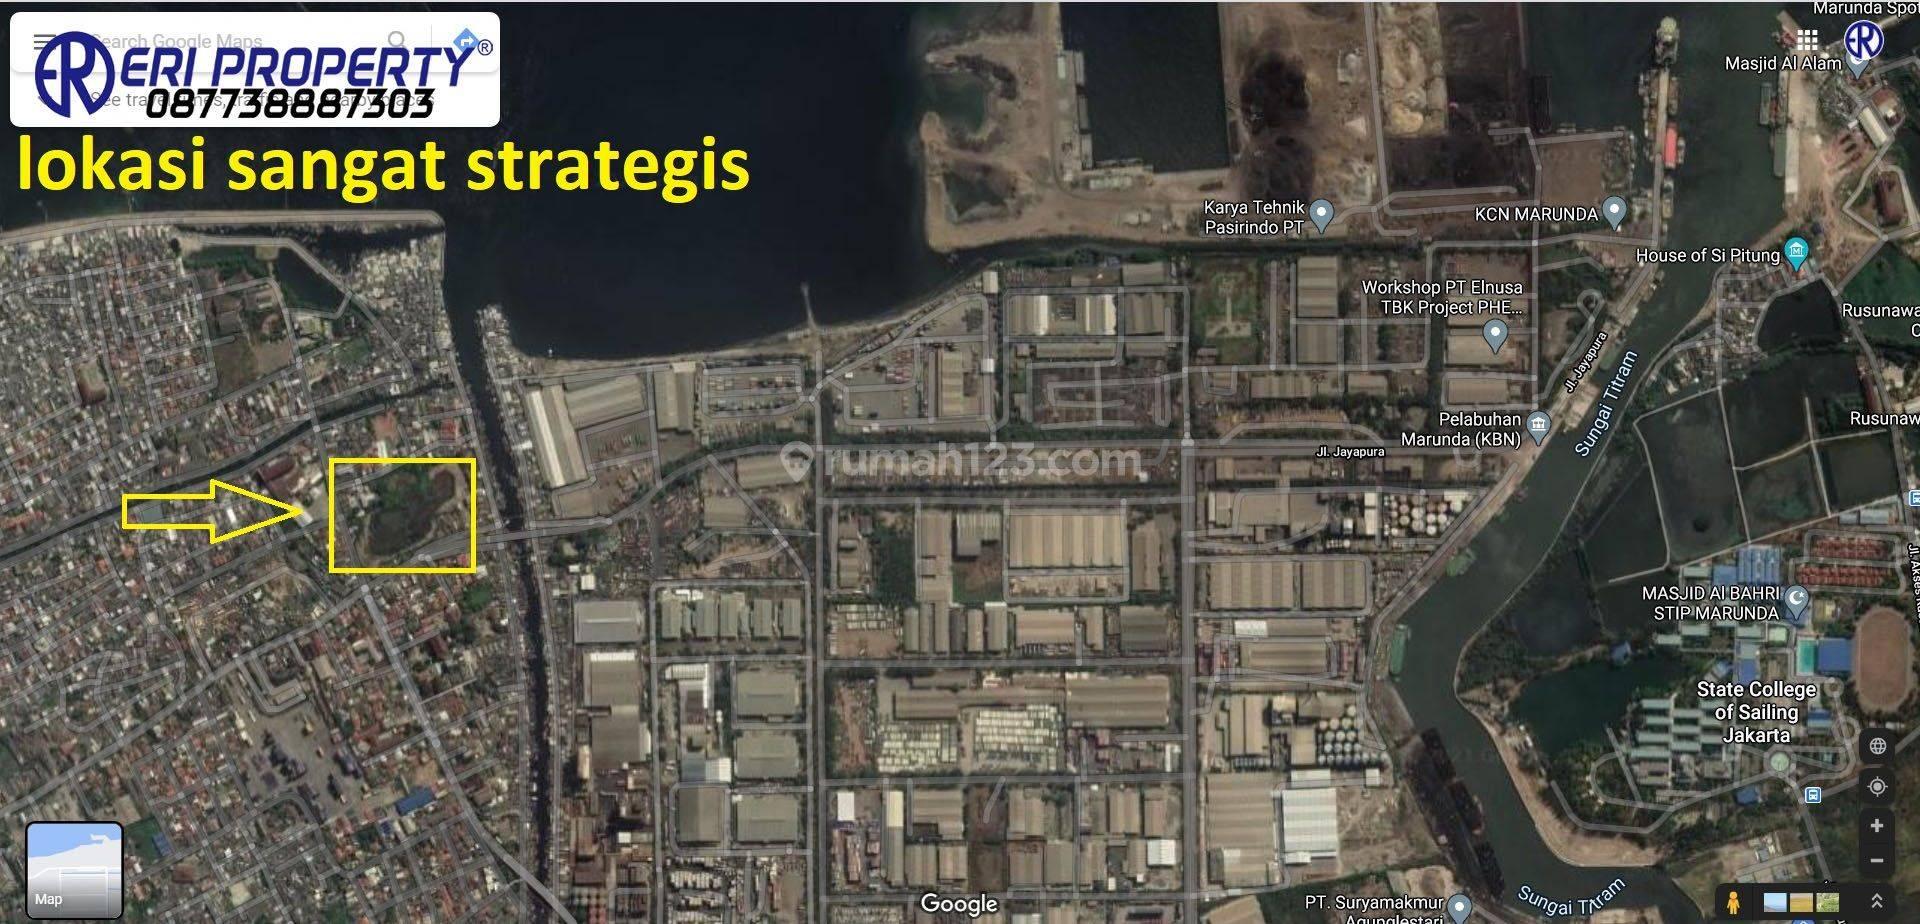 Tanah Industri 1,9 Ha (5,5 Juta/m2) Cilincing Raya Dekat Pelabuhan Marunda Eri Property Jakarta Utara